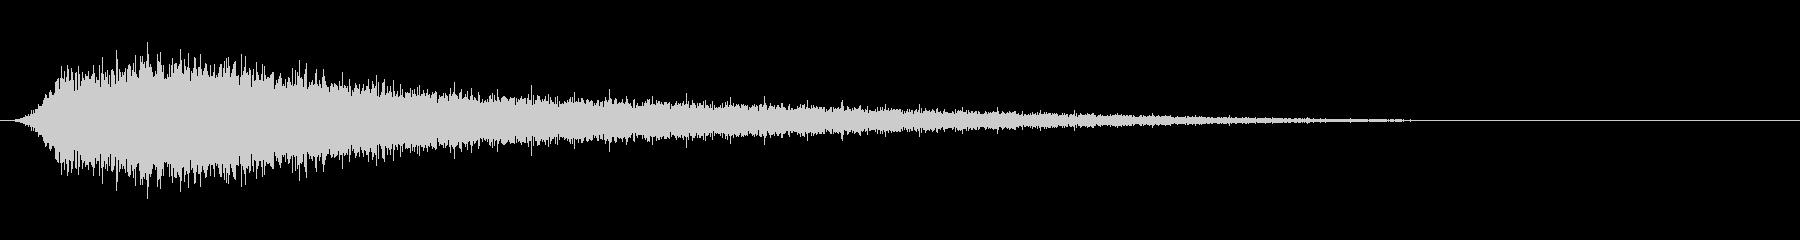 グランドピアノ、不協和音ライジング...の未再生の波形